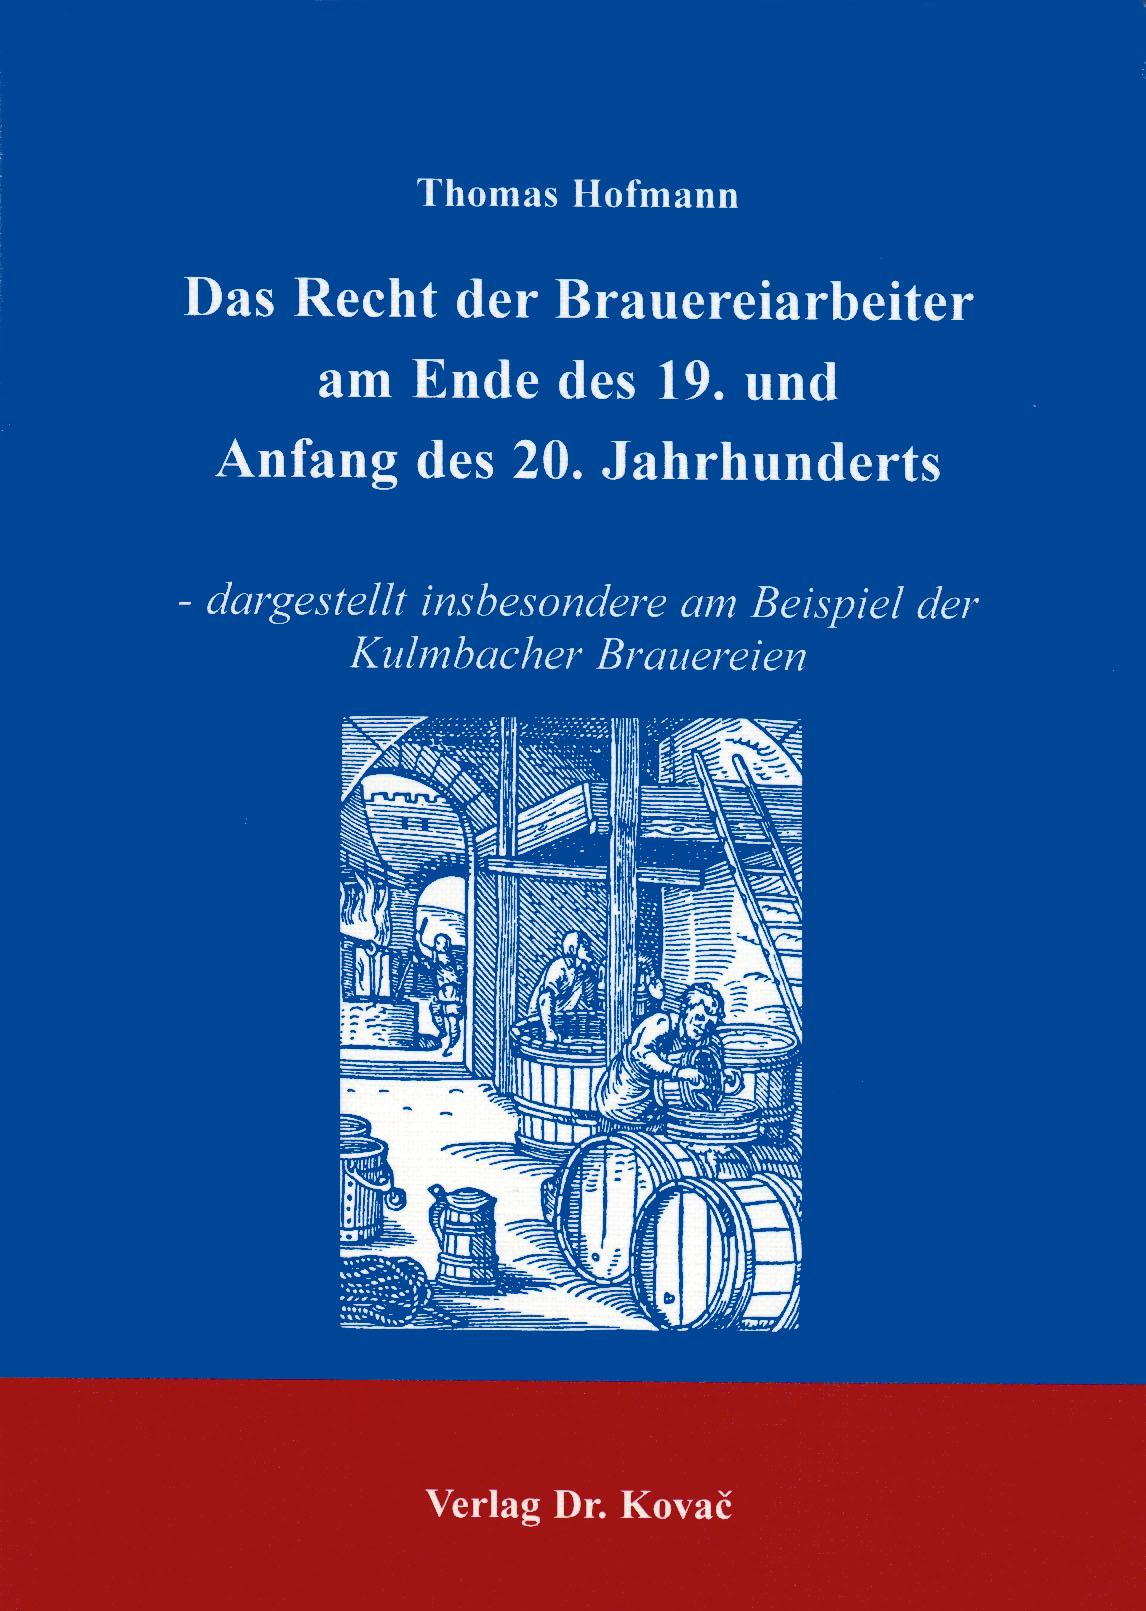 Cover: Das Recht der Brauereiarbeiter am Ende des 19. und Anfang des 20. Jahrhunderts